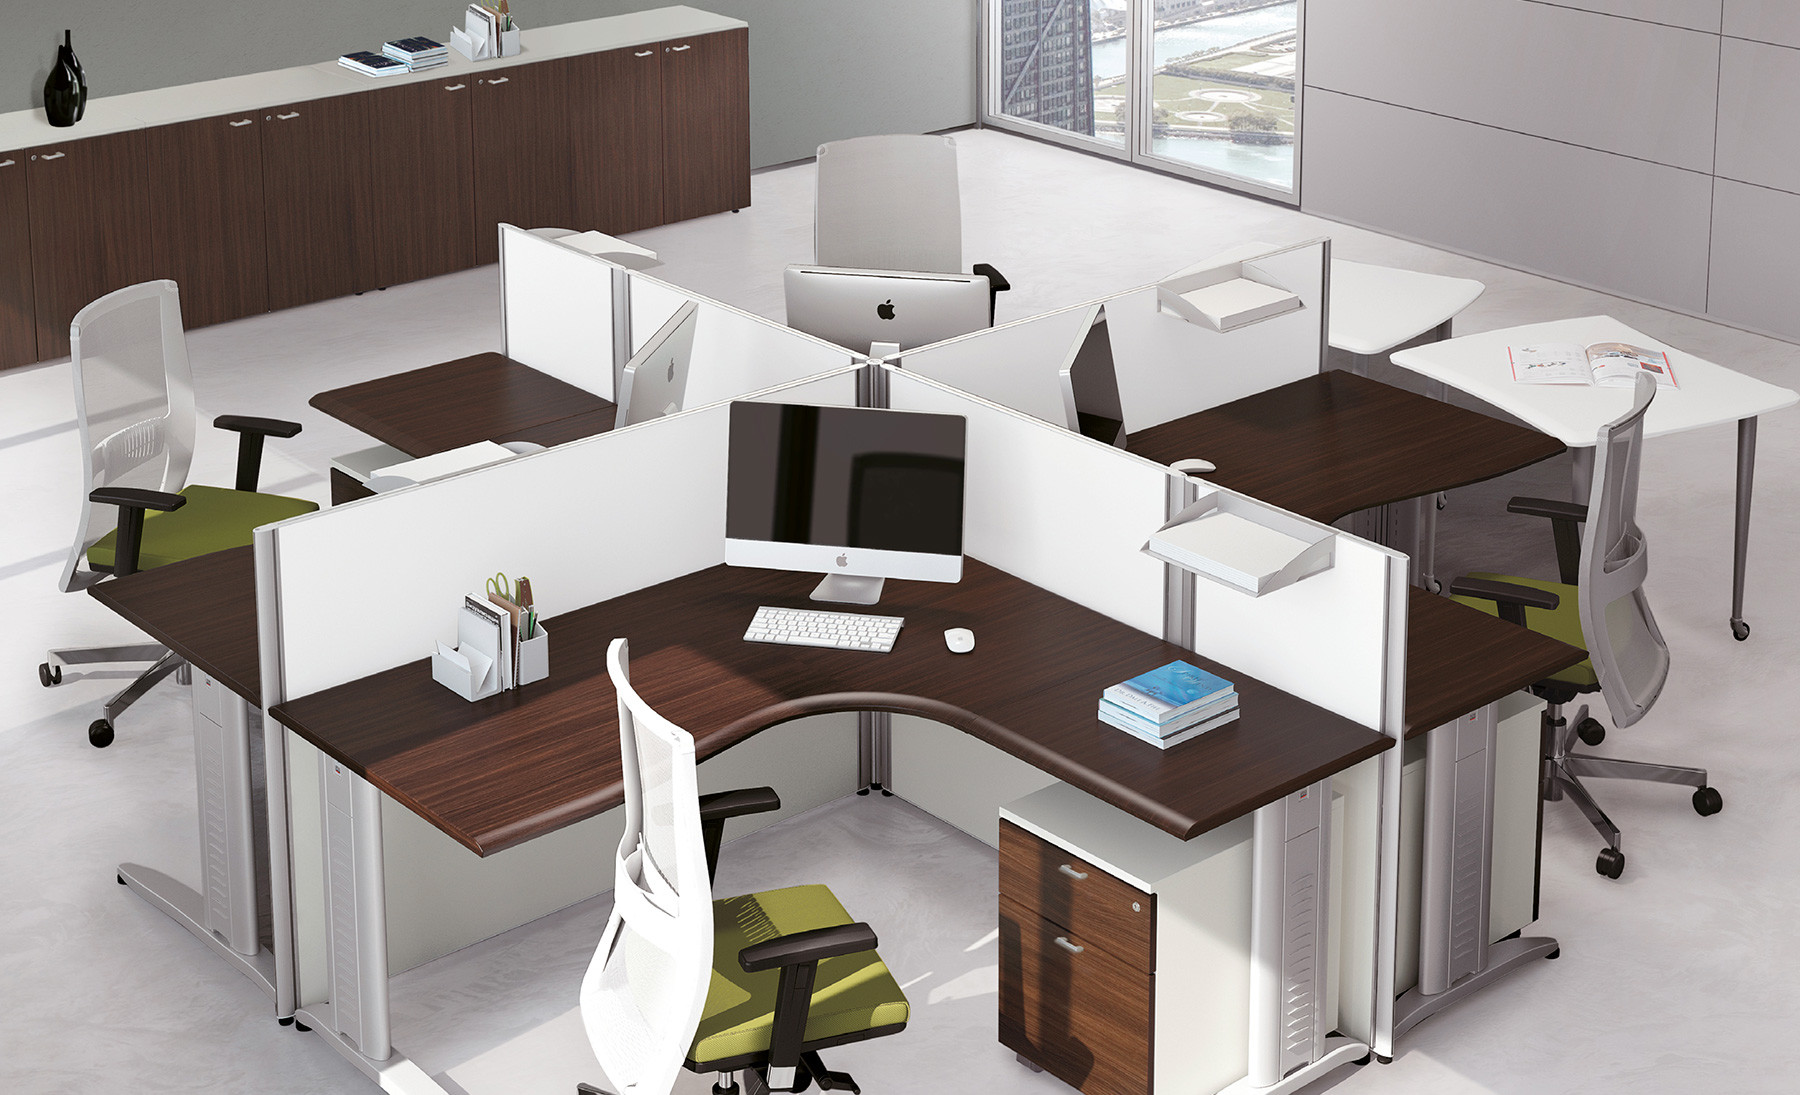 Format scrivania operativa sagomata contact ufficio roma for Scrivanie operative ufficio